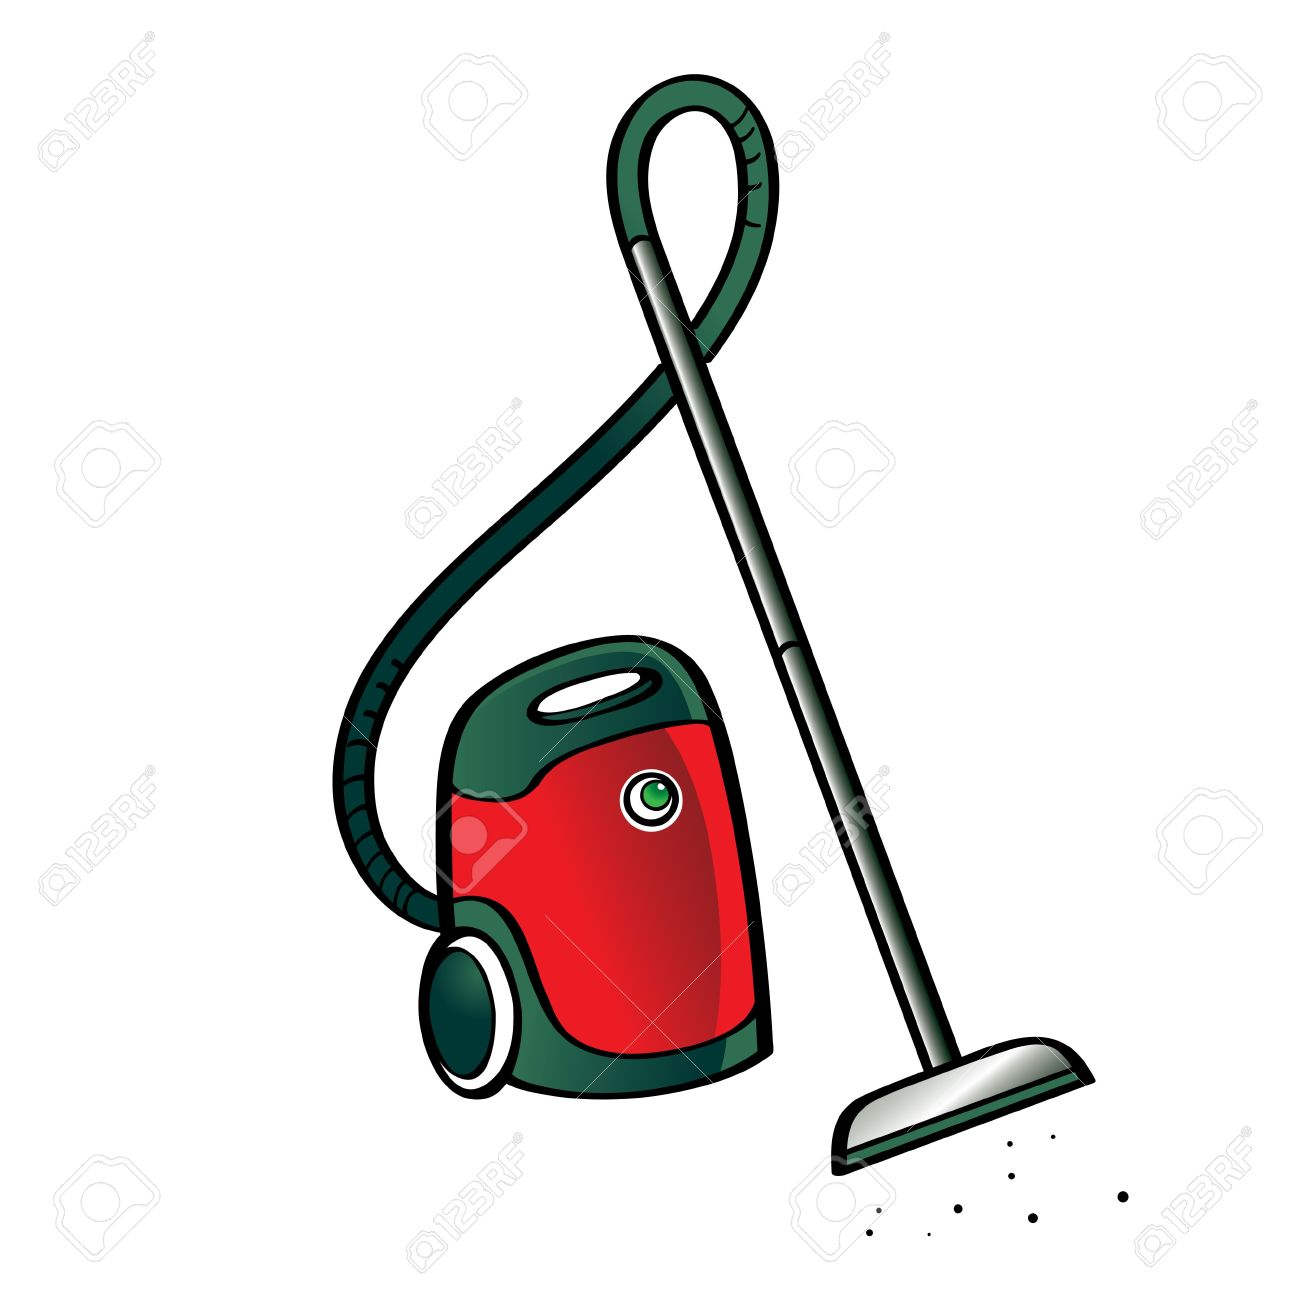 Free clipart vacuum cleaner.